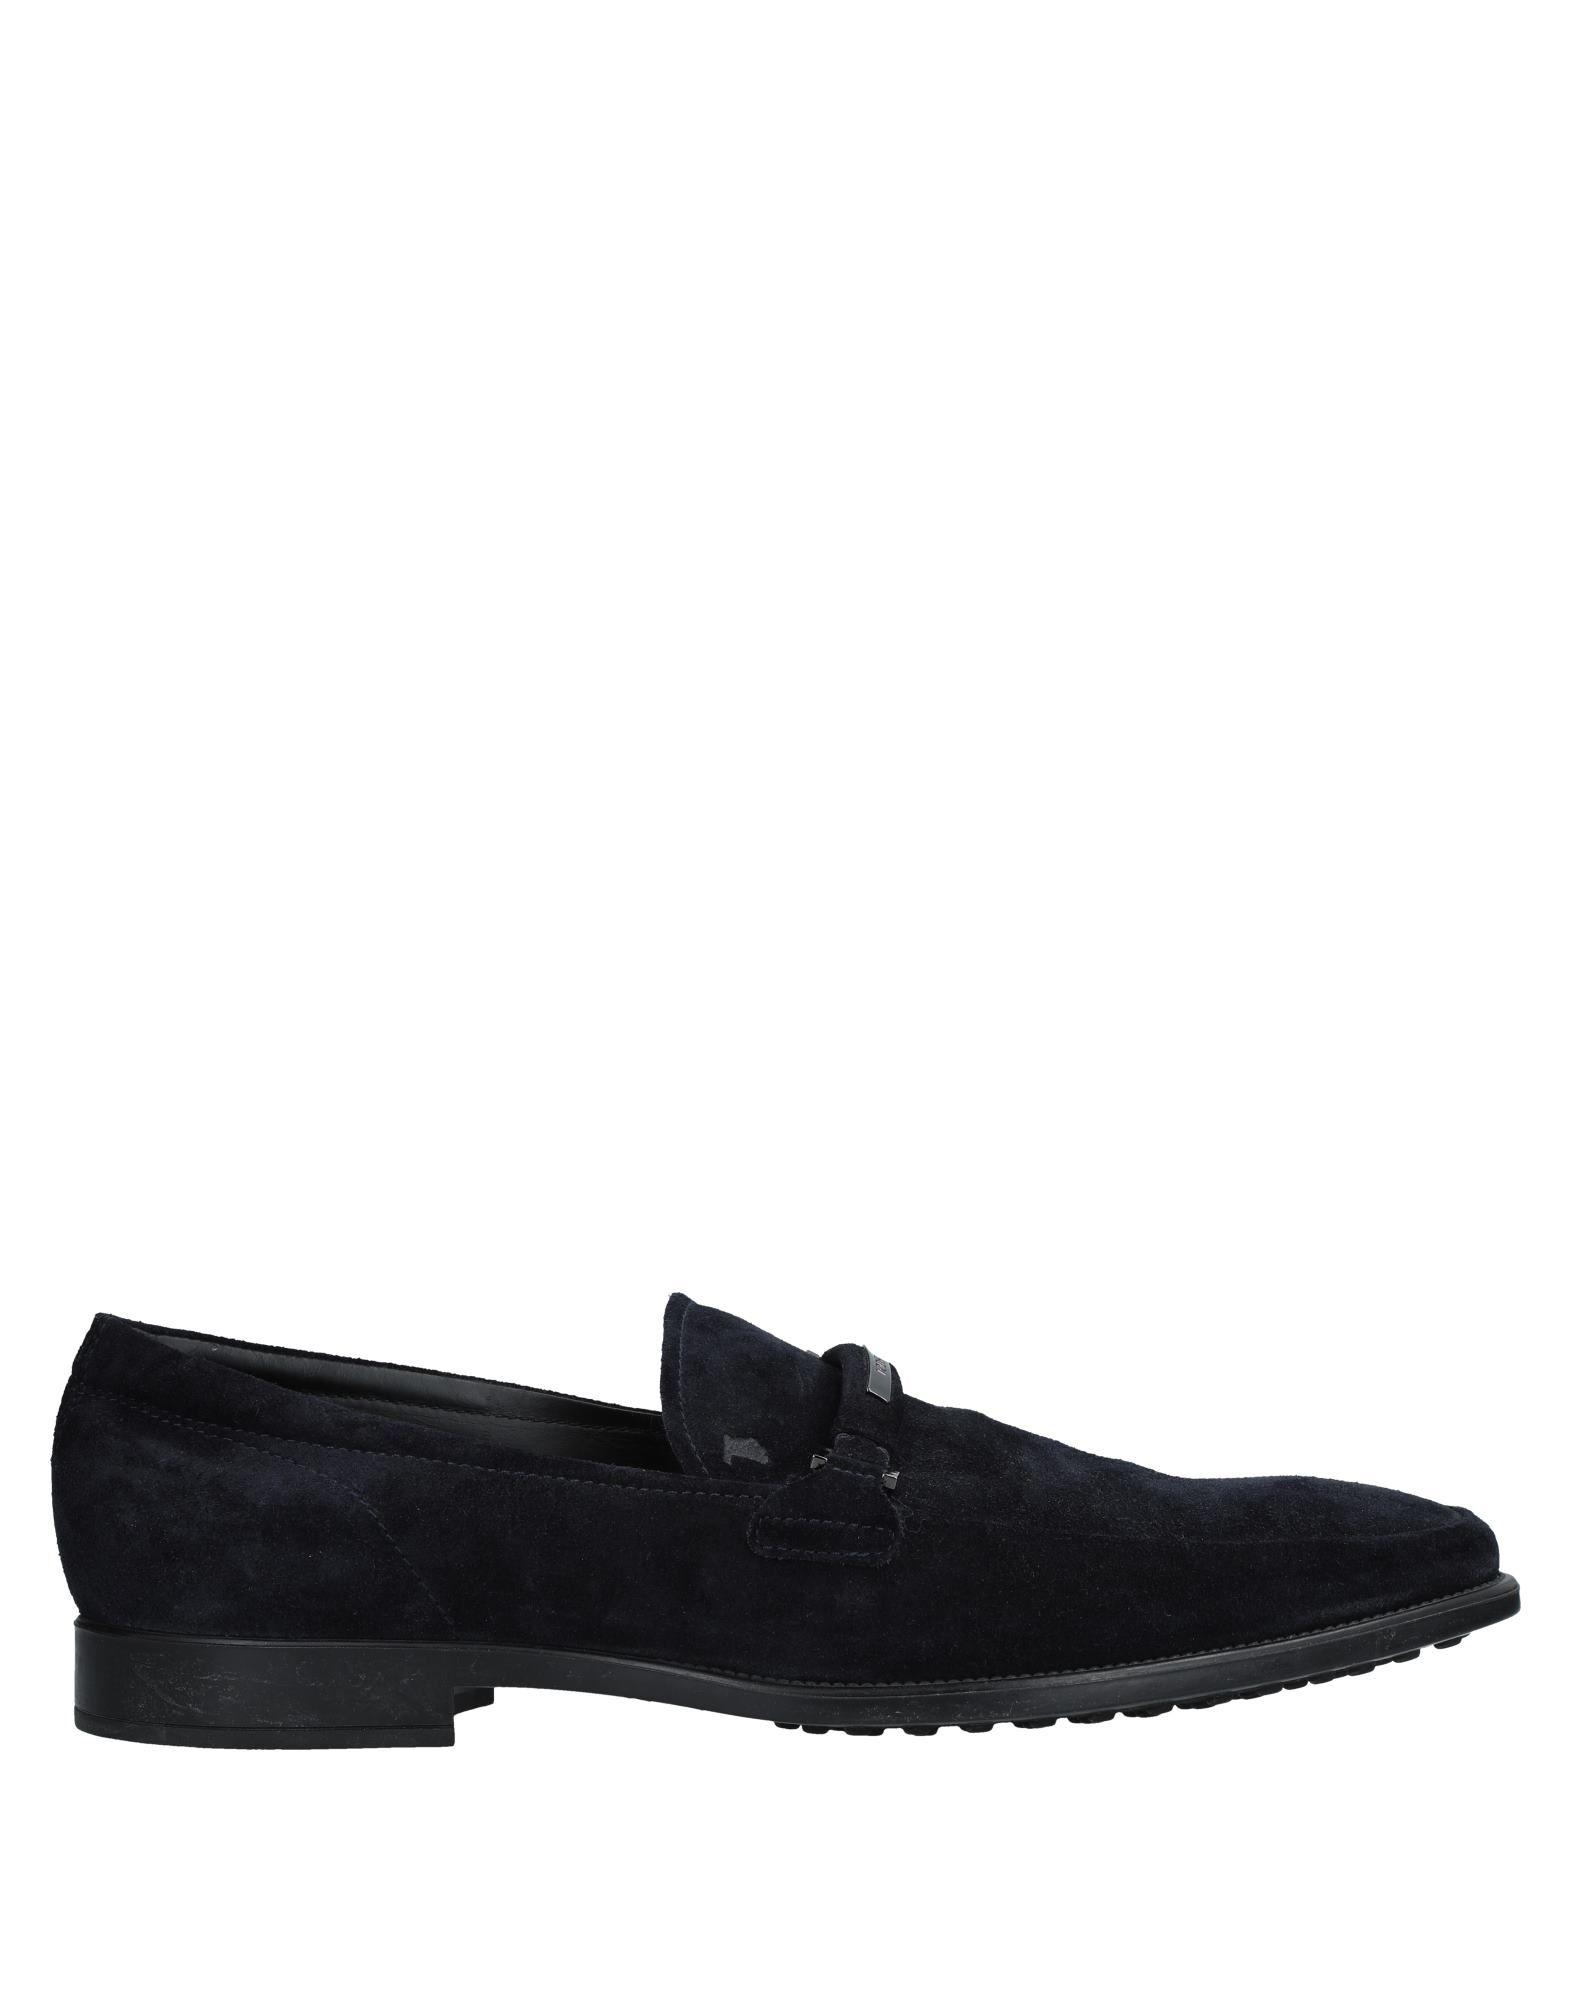 Tod's Mokassins Herren  11536981MC Gute Qualität beliebte Schuhe